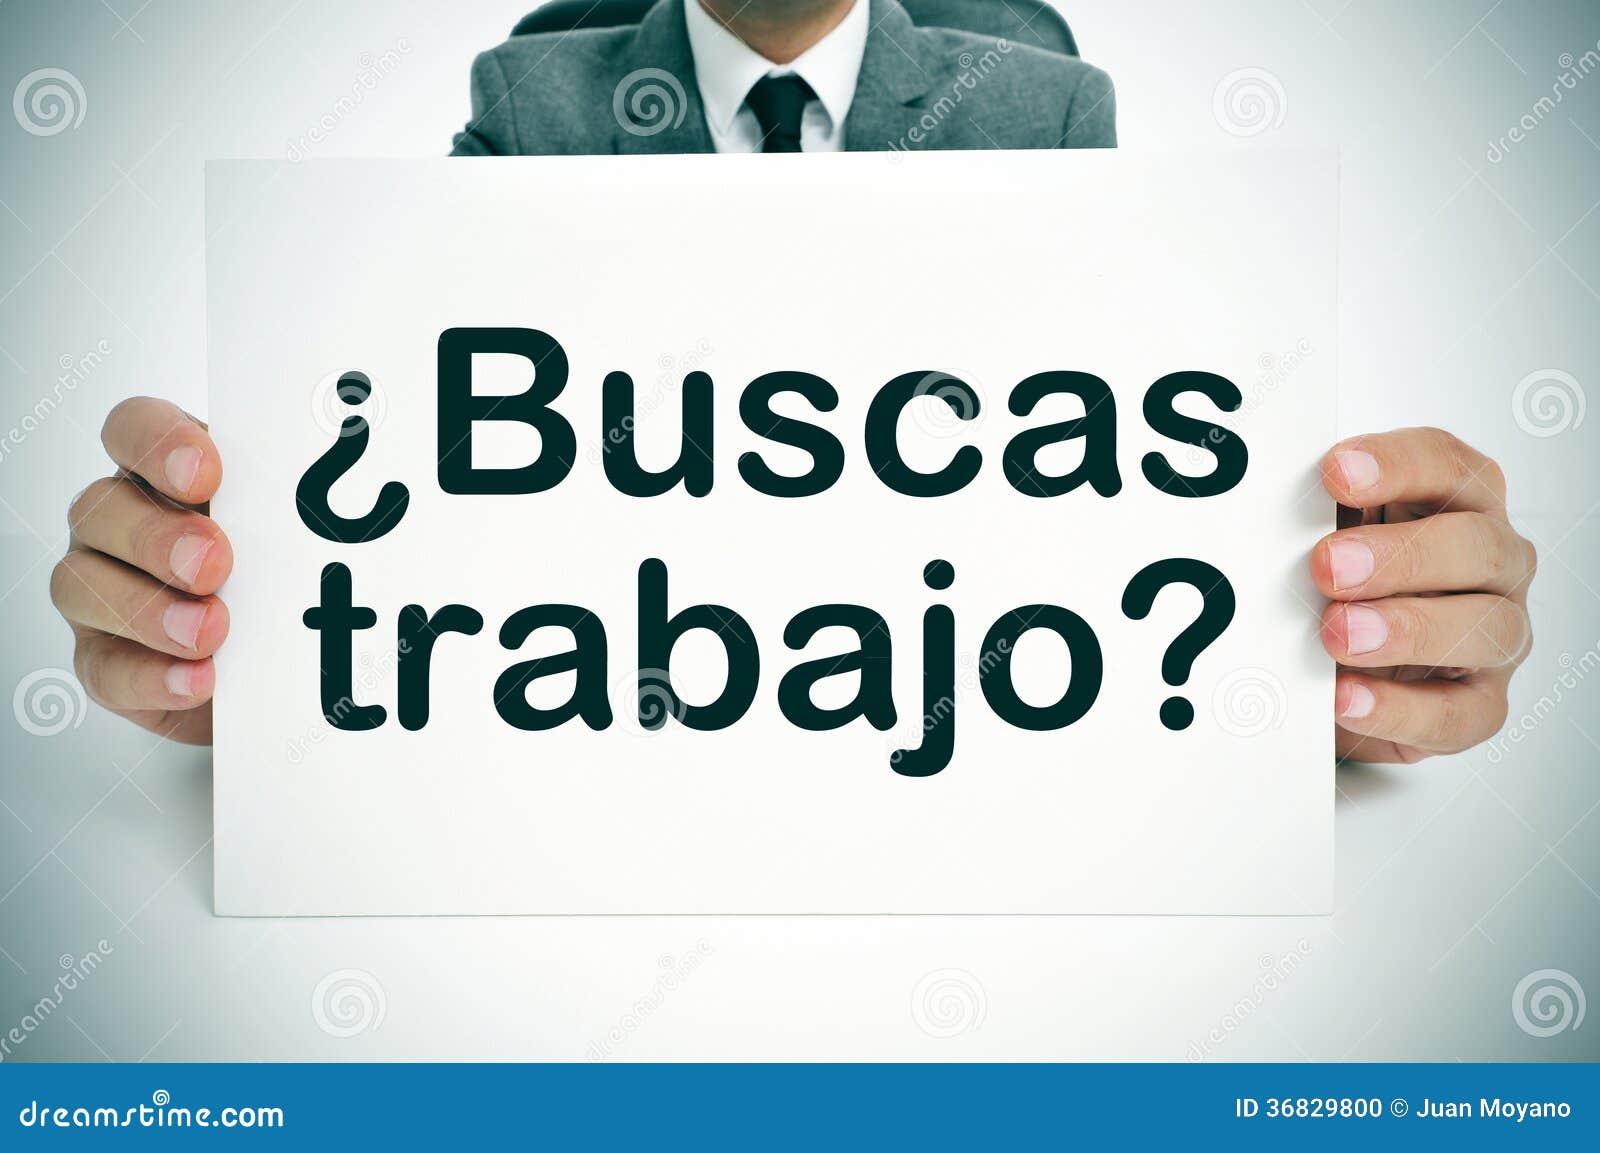 Trabajo de Buscas? você está procurando um trabalho? escrito no espanhol